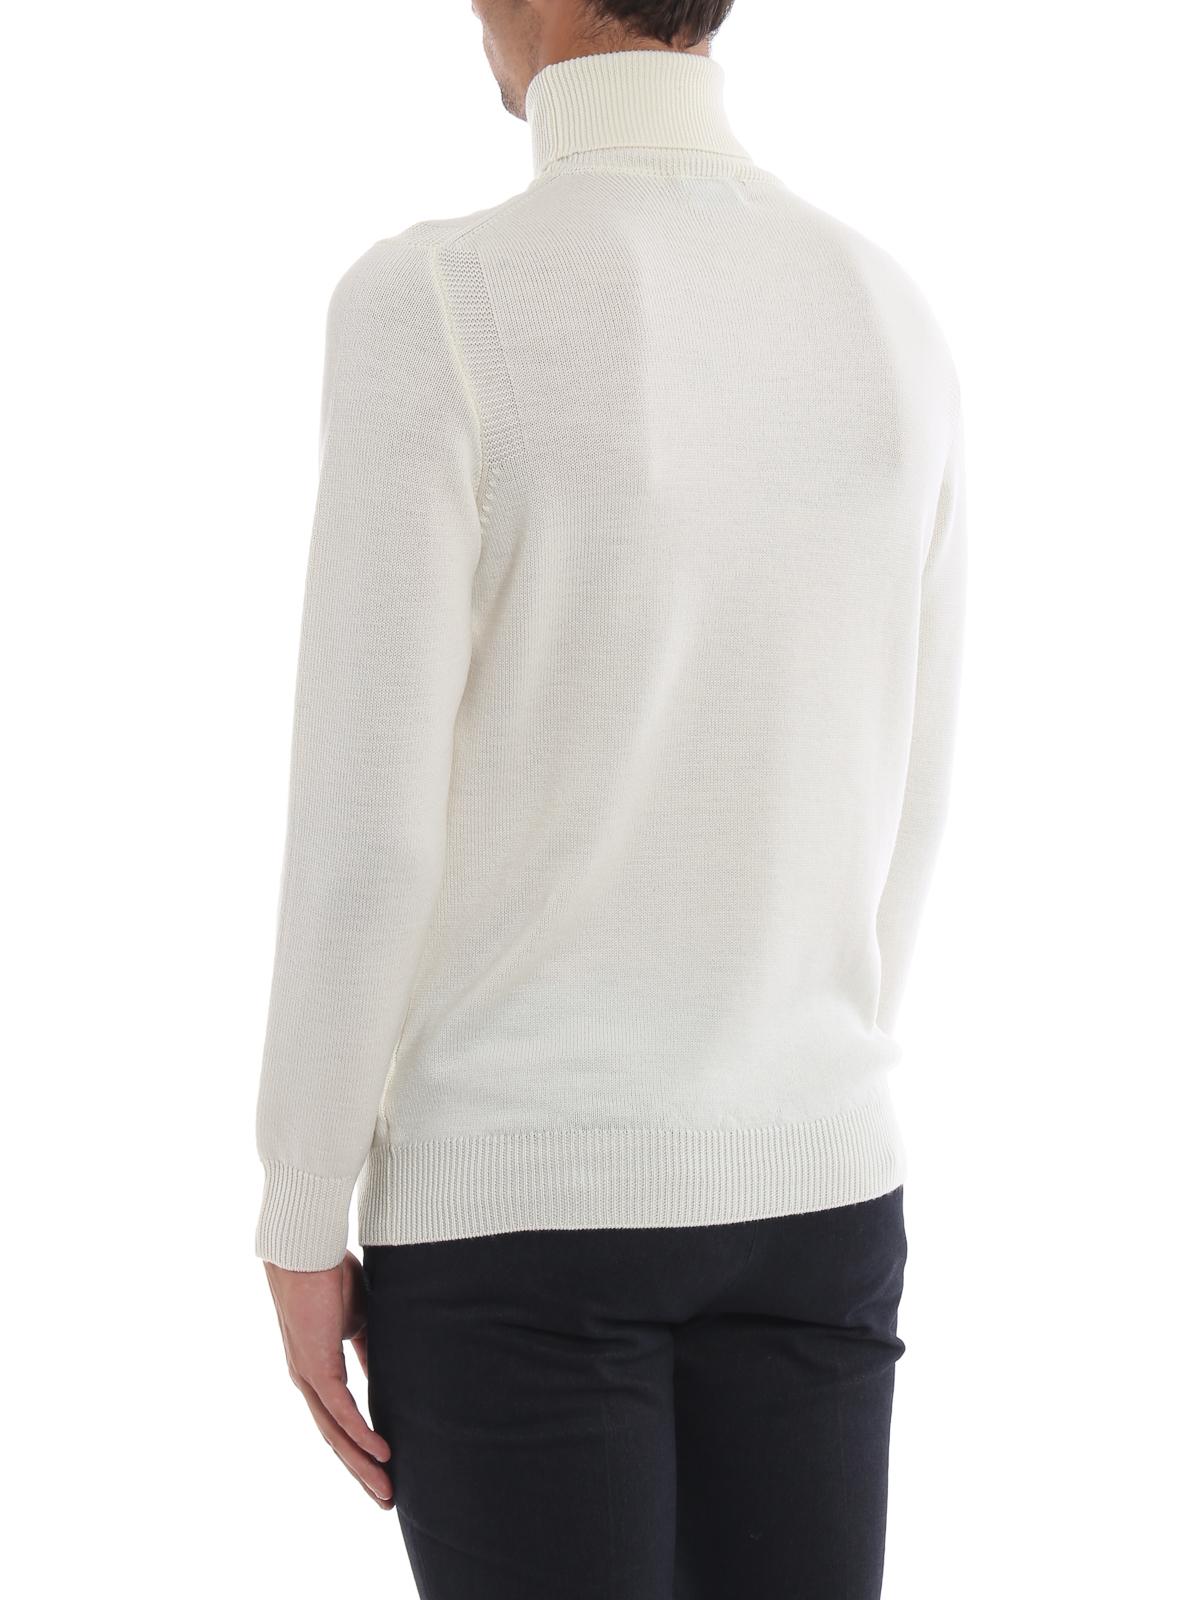 più amato f2ec6 f76b1 Dondup - Dolcevita bianca in morbida lana merino - maglia a ...